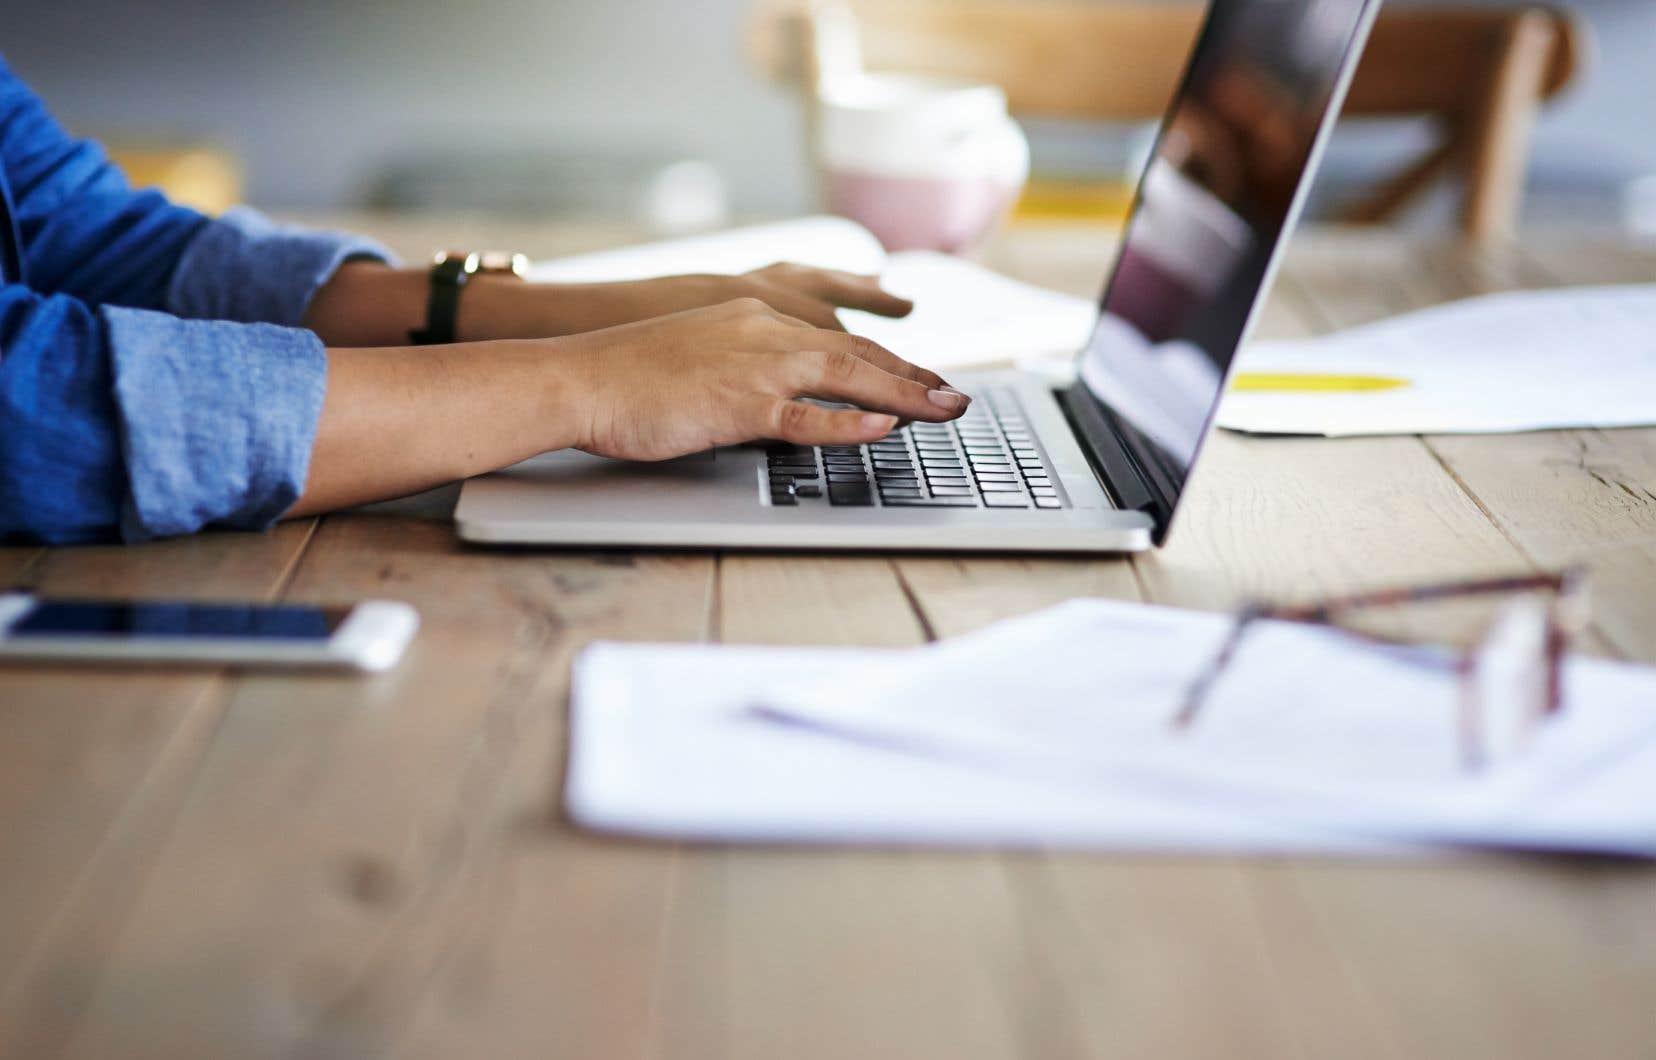 Le premier cours en ligne ouvert massivement (CLOM) québécois a été lancé en 2012 à HEC Montréal, avec la plateforme EDUlib.